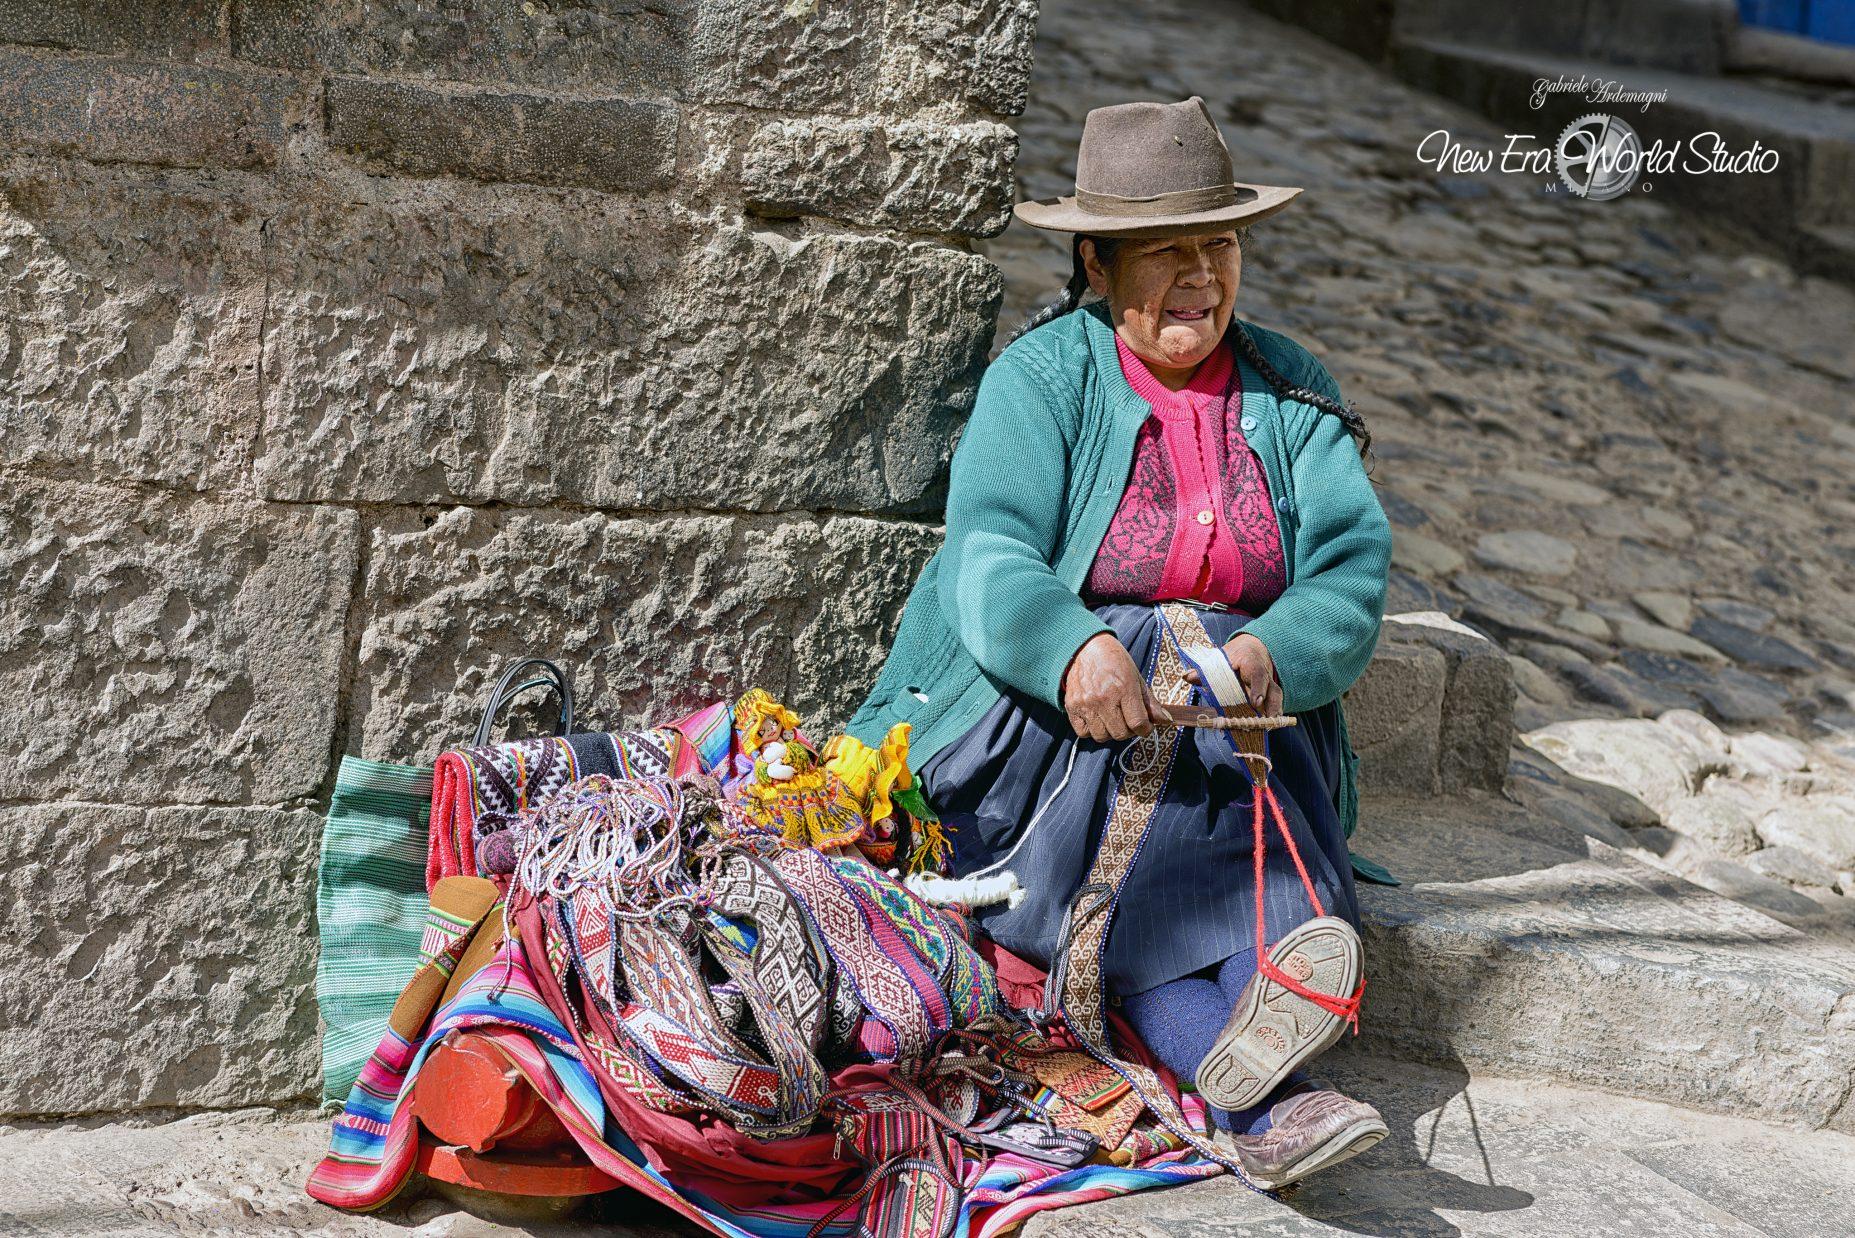 Belt Seller in Cuzco Foto by Gabriele Ardemagni